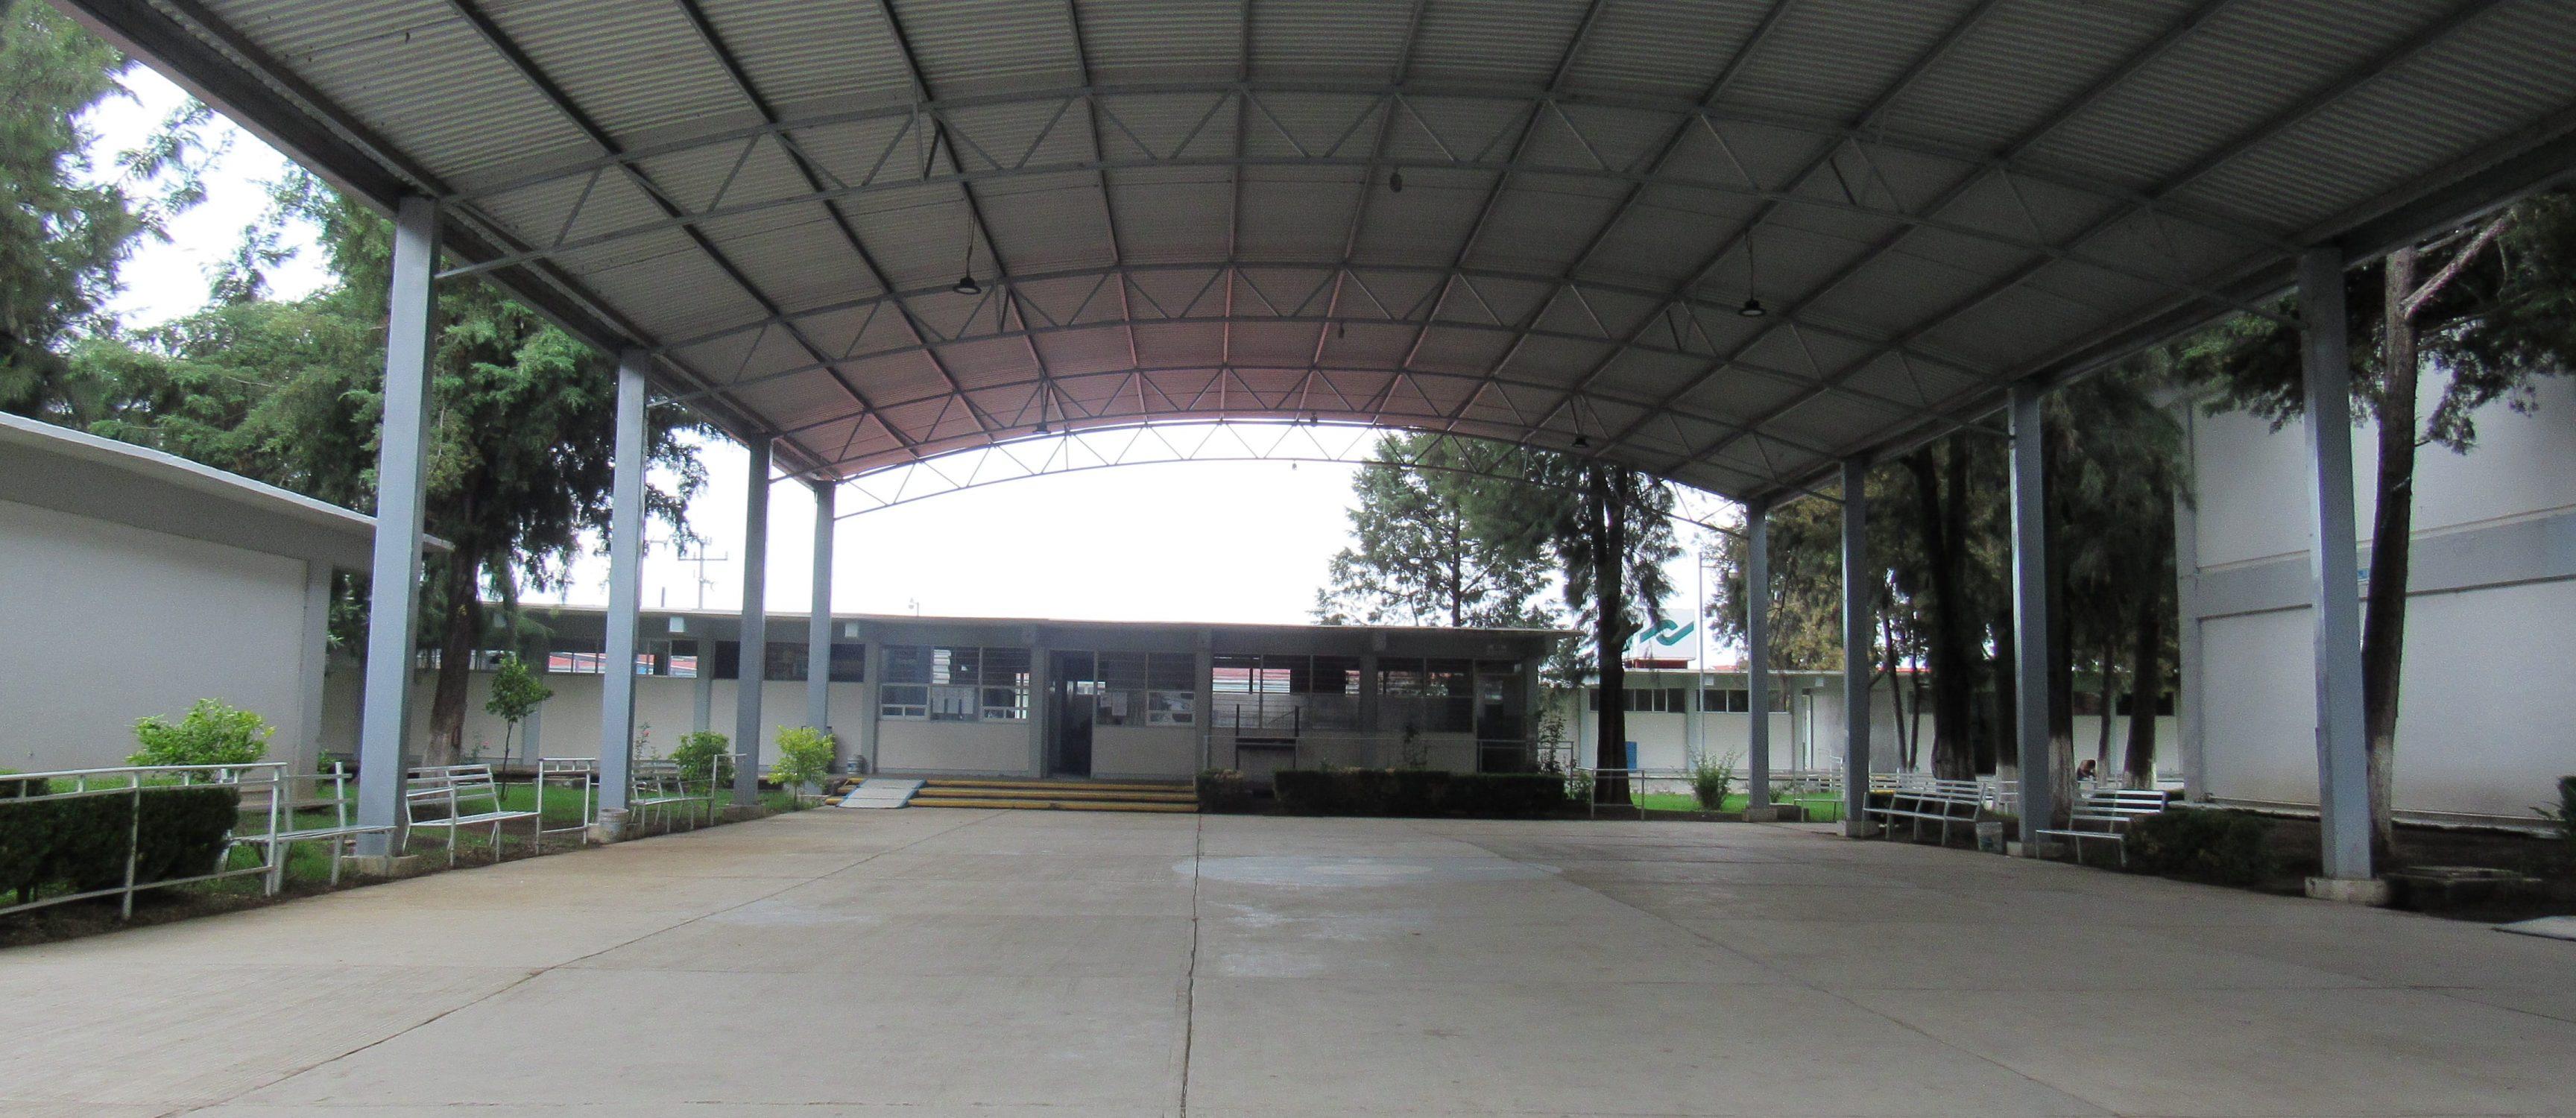 Patio Civico-min